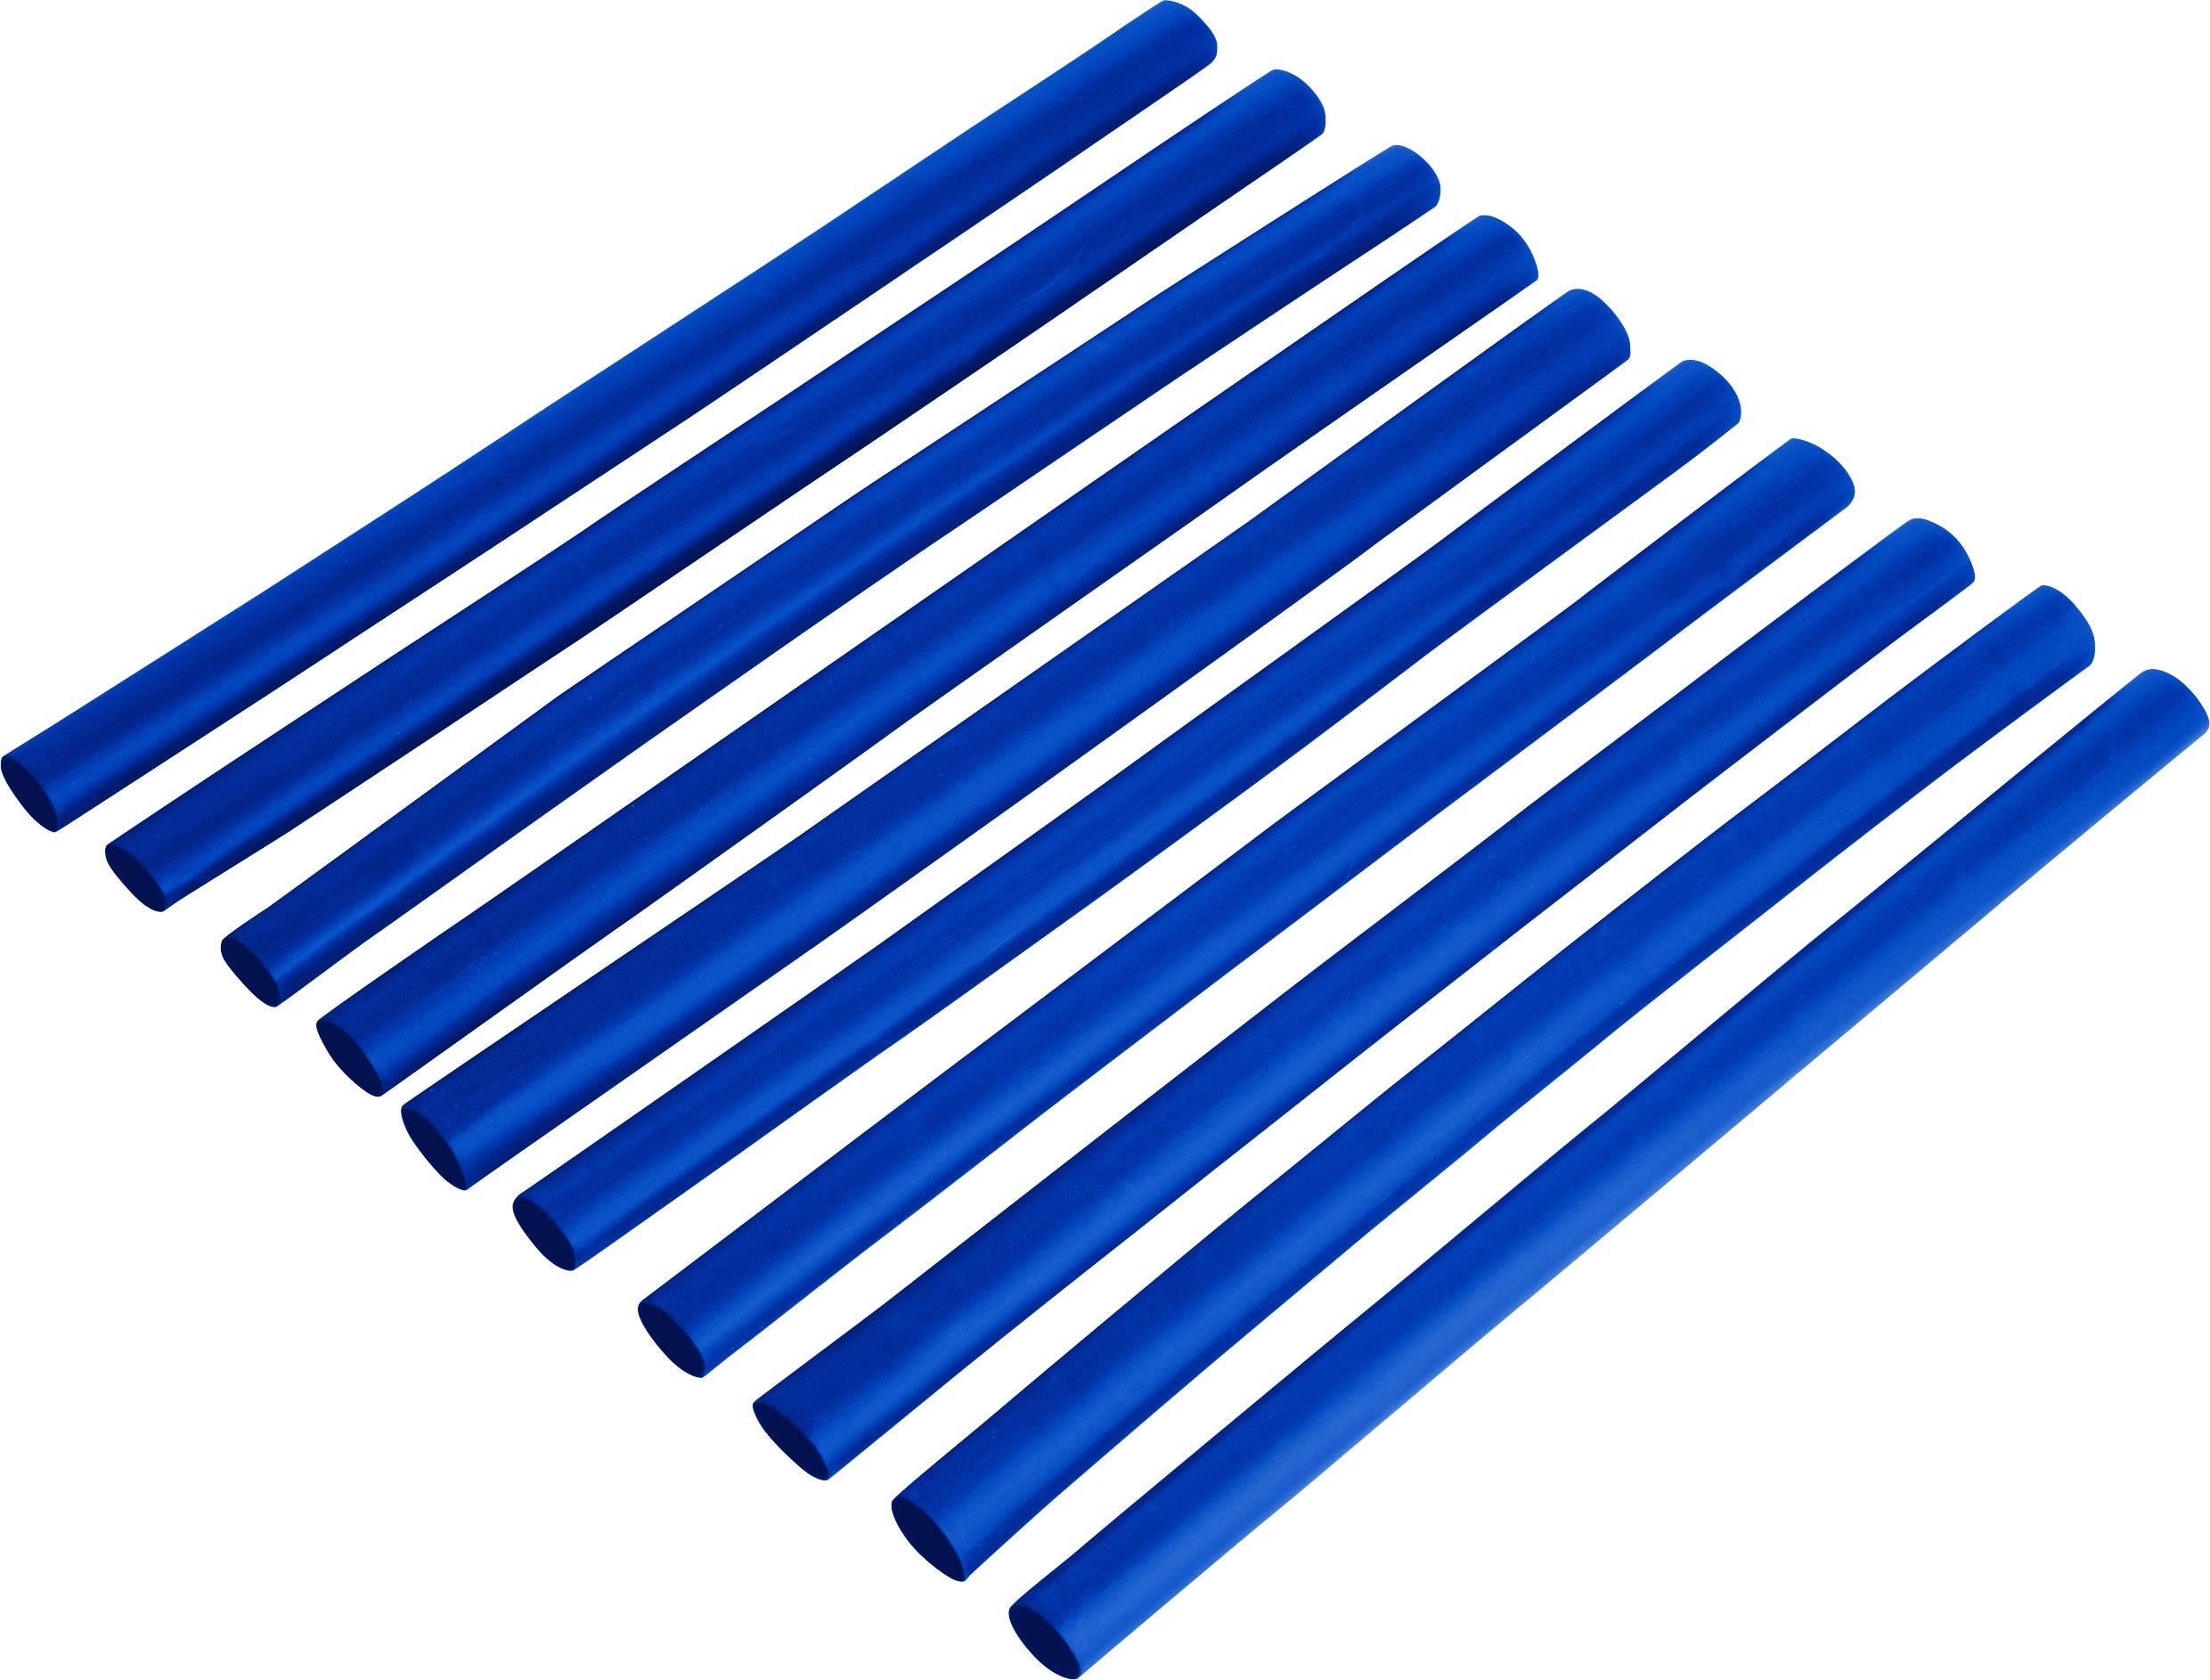 Sada zmršťovacých bužírok DSG Canusa H-SET 1/16, 2:1, 0.80 mm /1.60 mm, modrá, 1 sada